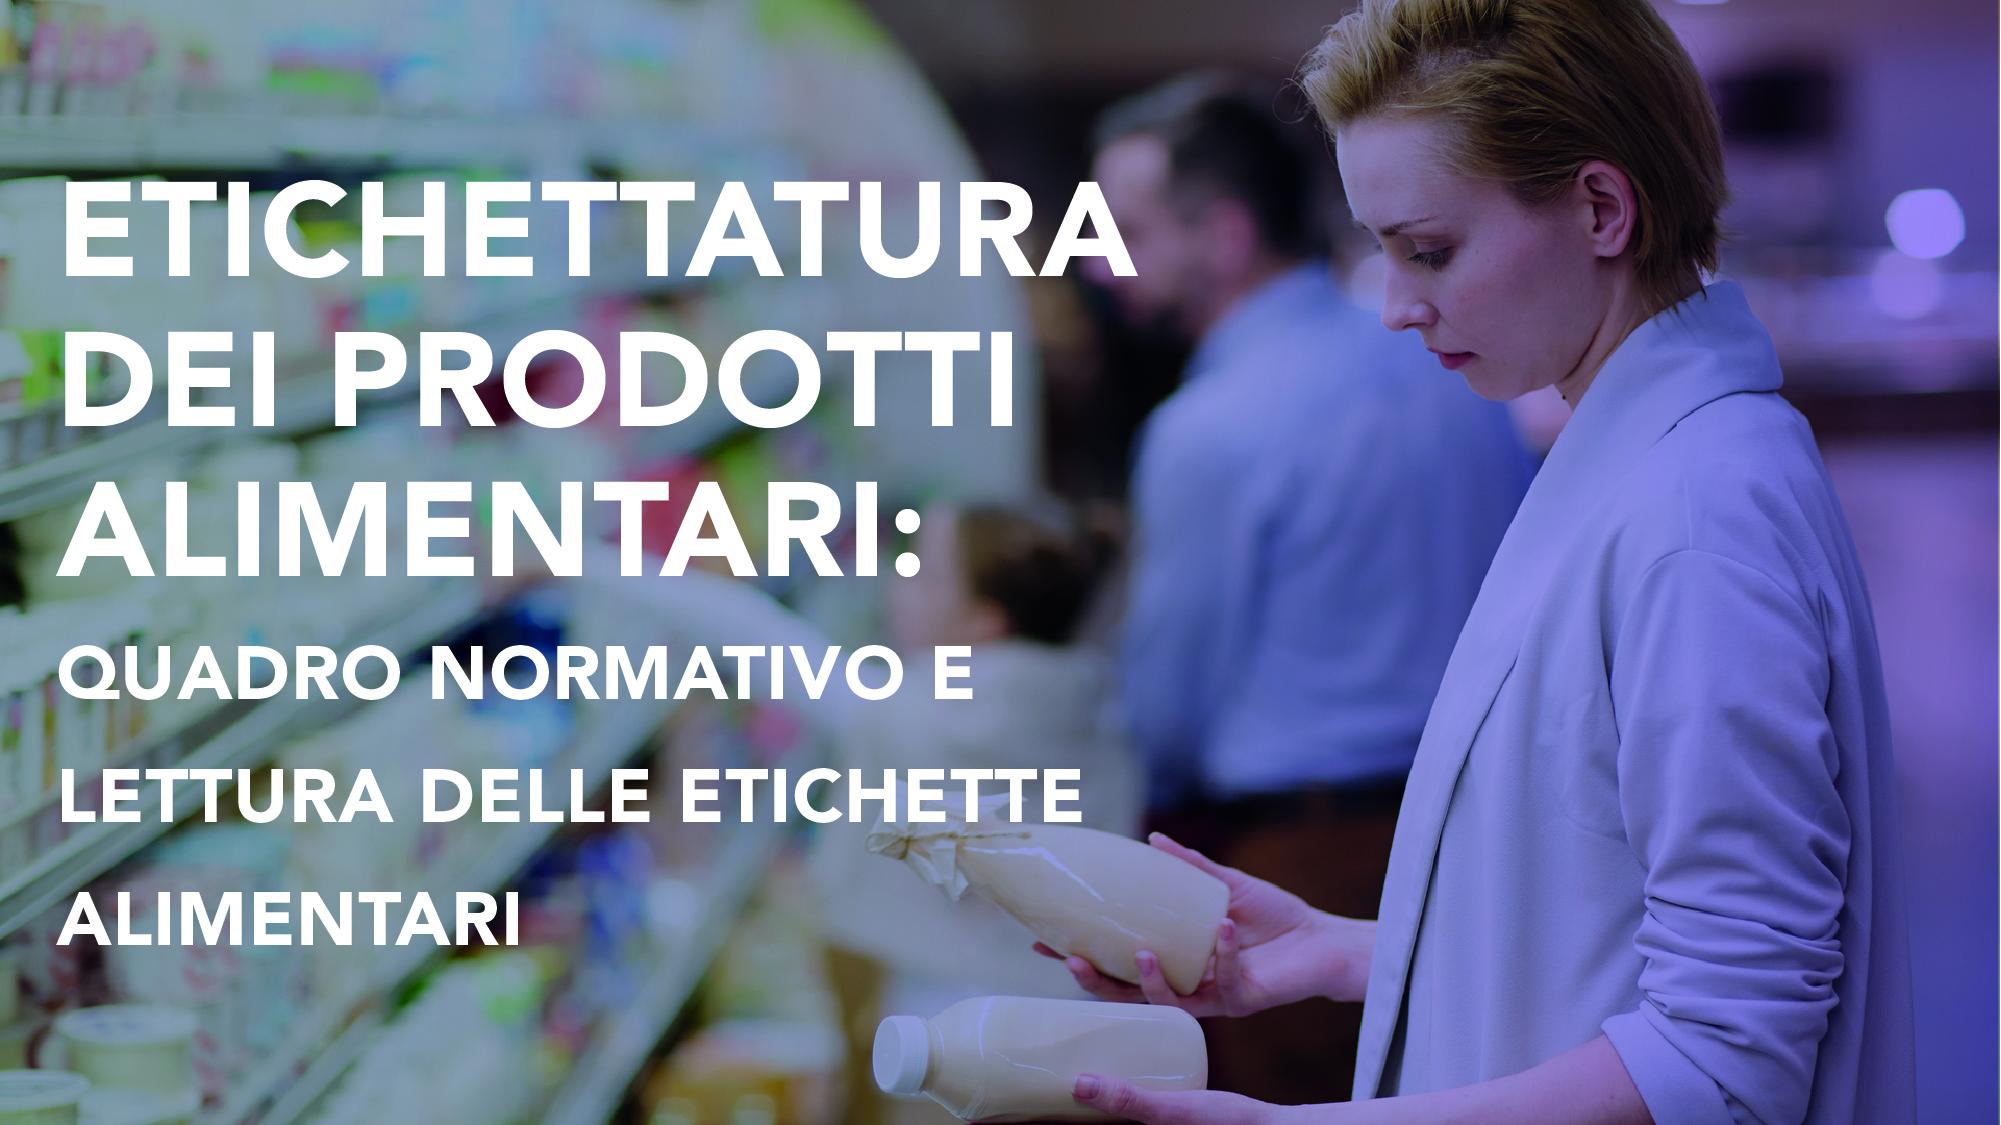 Corso-Online-Etichettatura-dei-Prodotti-Alimentari-Quadro-Normativo-e-Lettura-delle-Etichette-Alimentari-Life-Learning